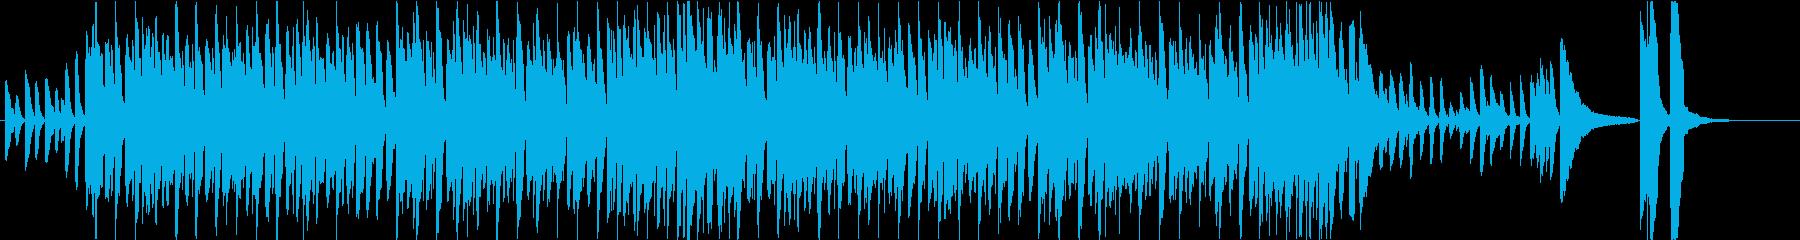 明るく爽やか料理番組風ピアノ(短縮版)の再生済みの波形